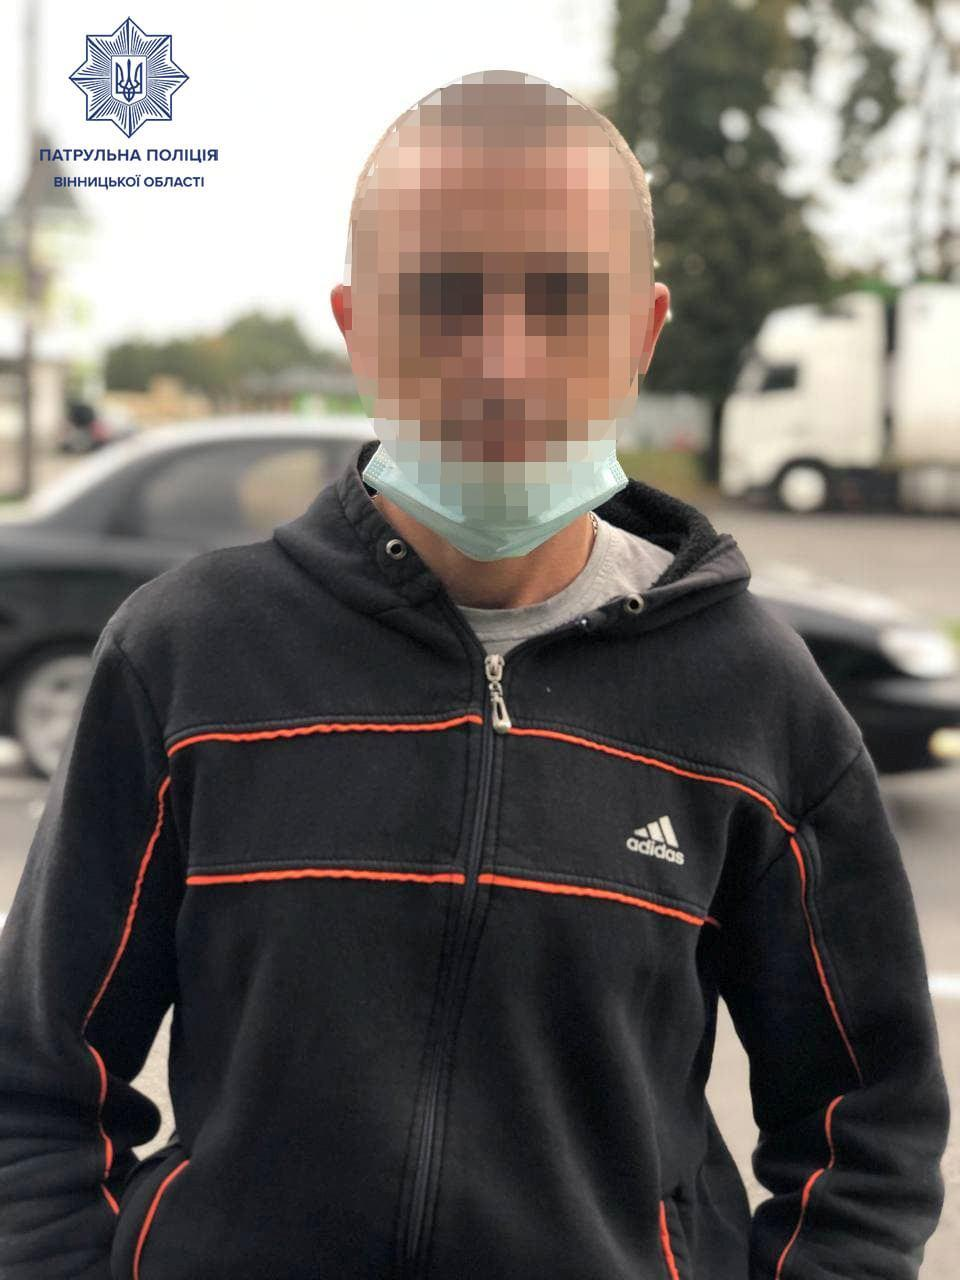 У Вінниці затримали водія, який керував автобусом напідпитку